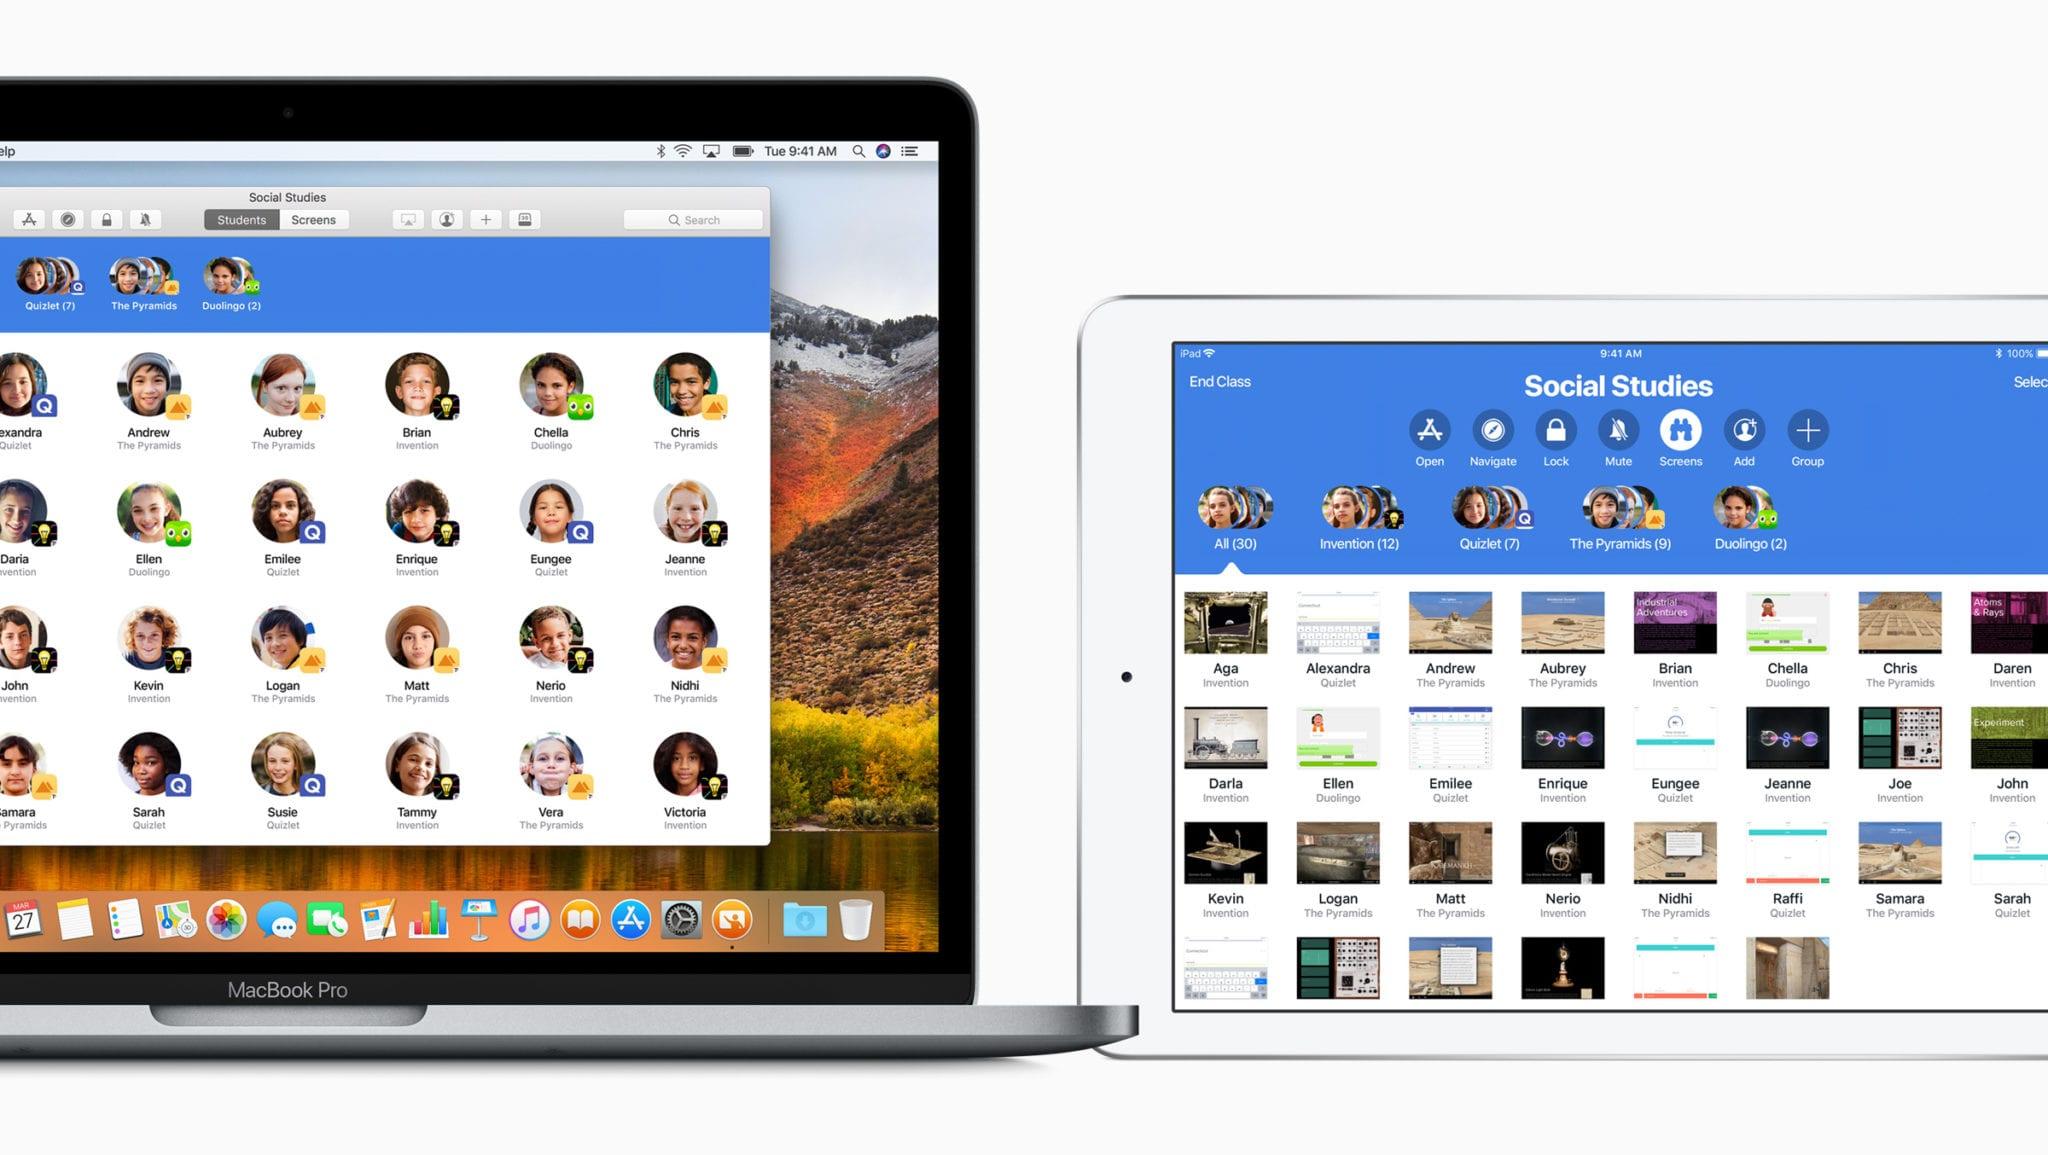 Macbook iPad Classroom screen 03272018 - Apple predstavil nový softvér pre školstvo – Classroom a Schoolwork